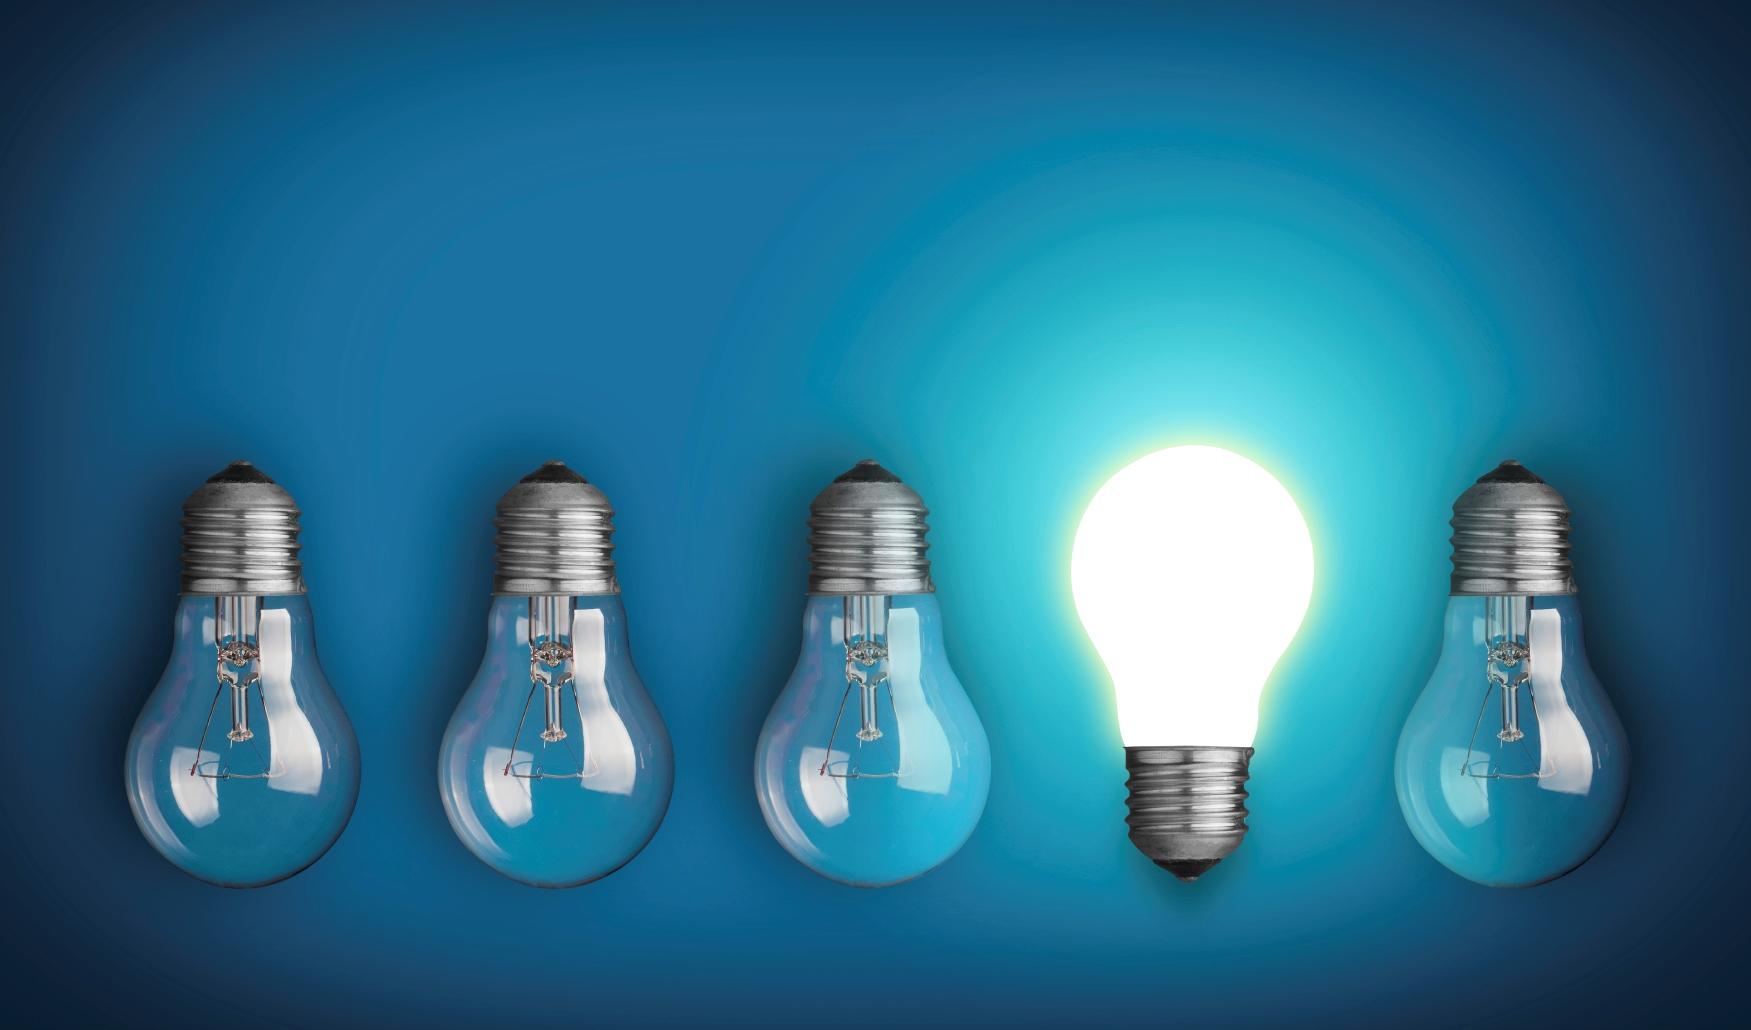 menginspirasi inovasi